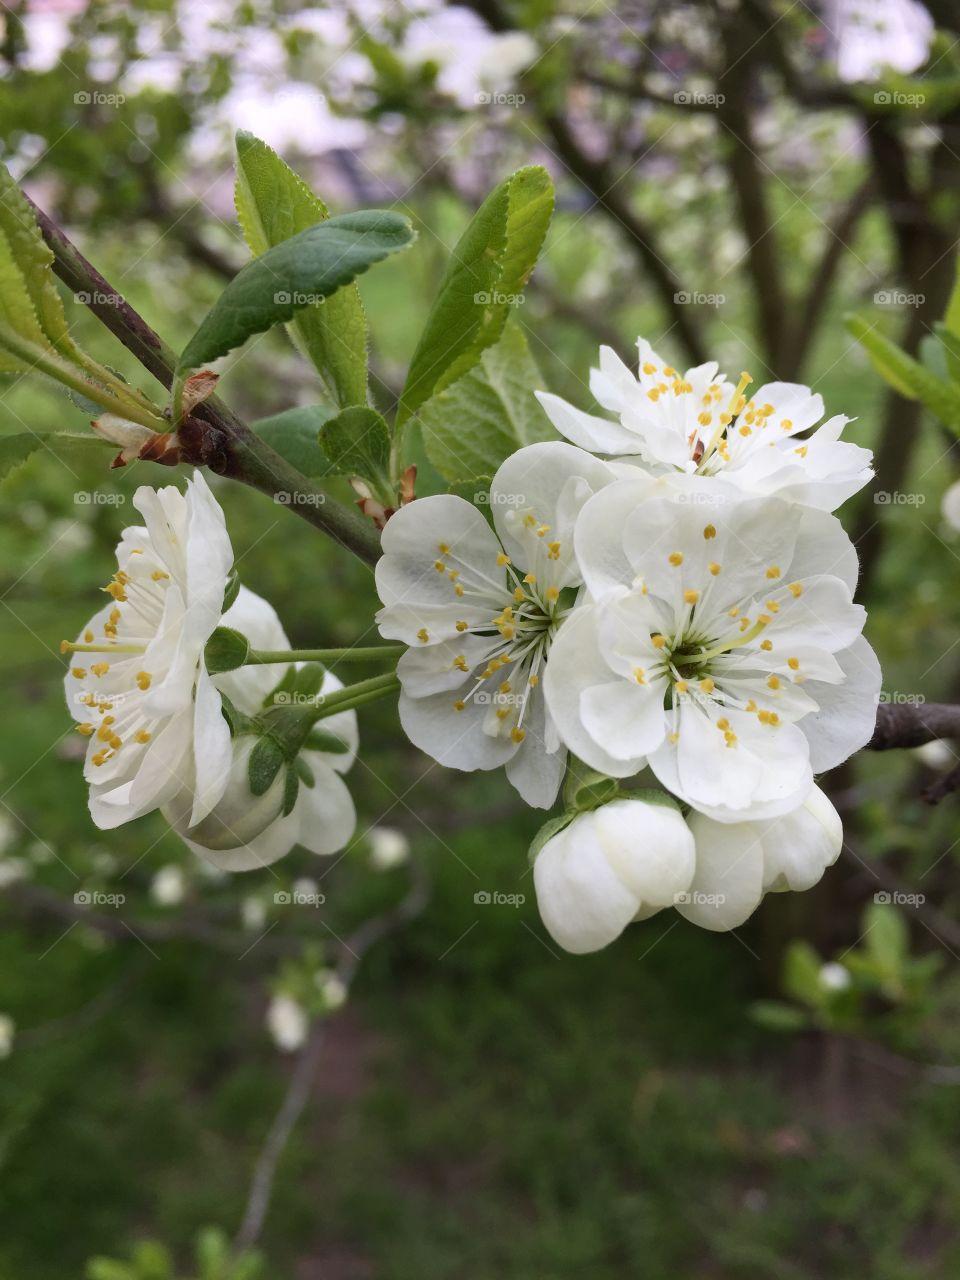 Flowers of Apple  in the garden